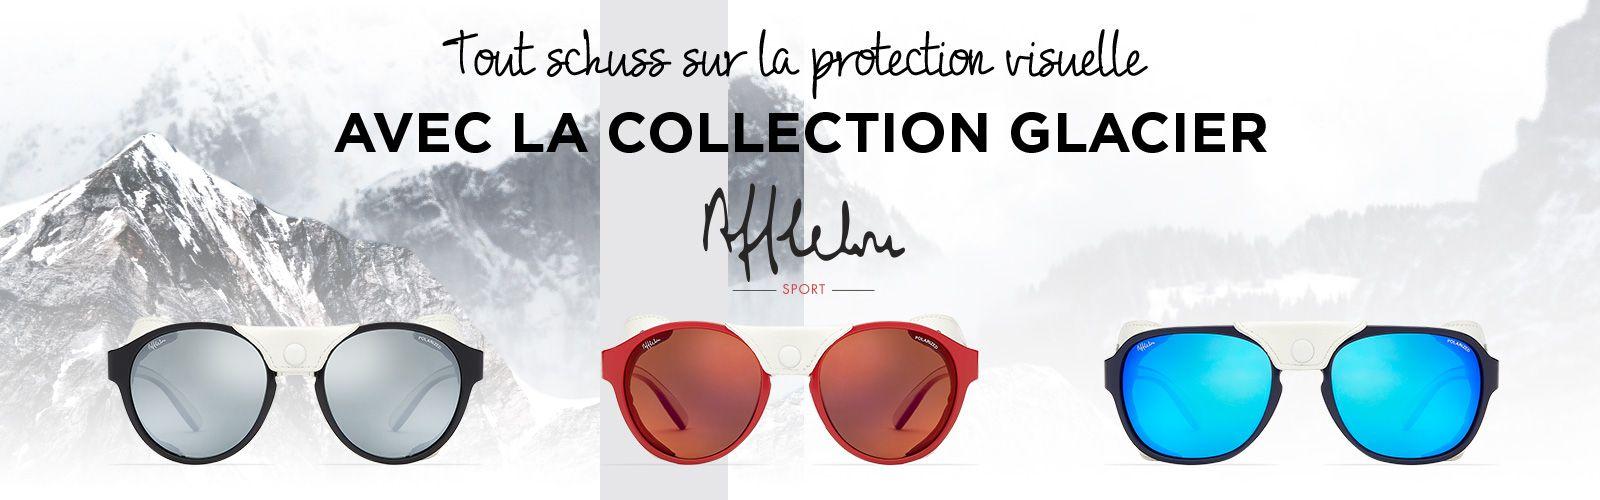 Opticien Alain Afflelou   Lunettes, lunettes de soleil et lentilles 25d452b58348